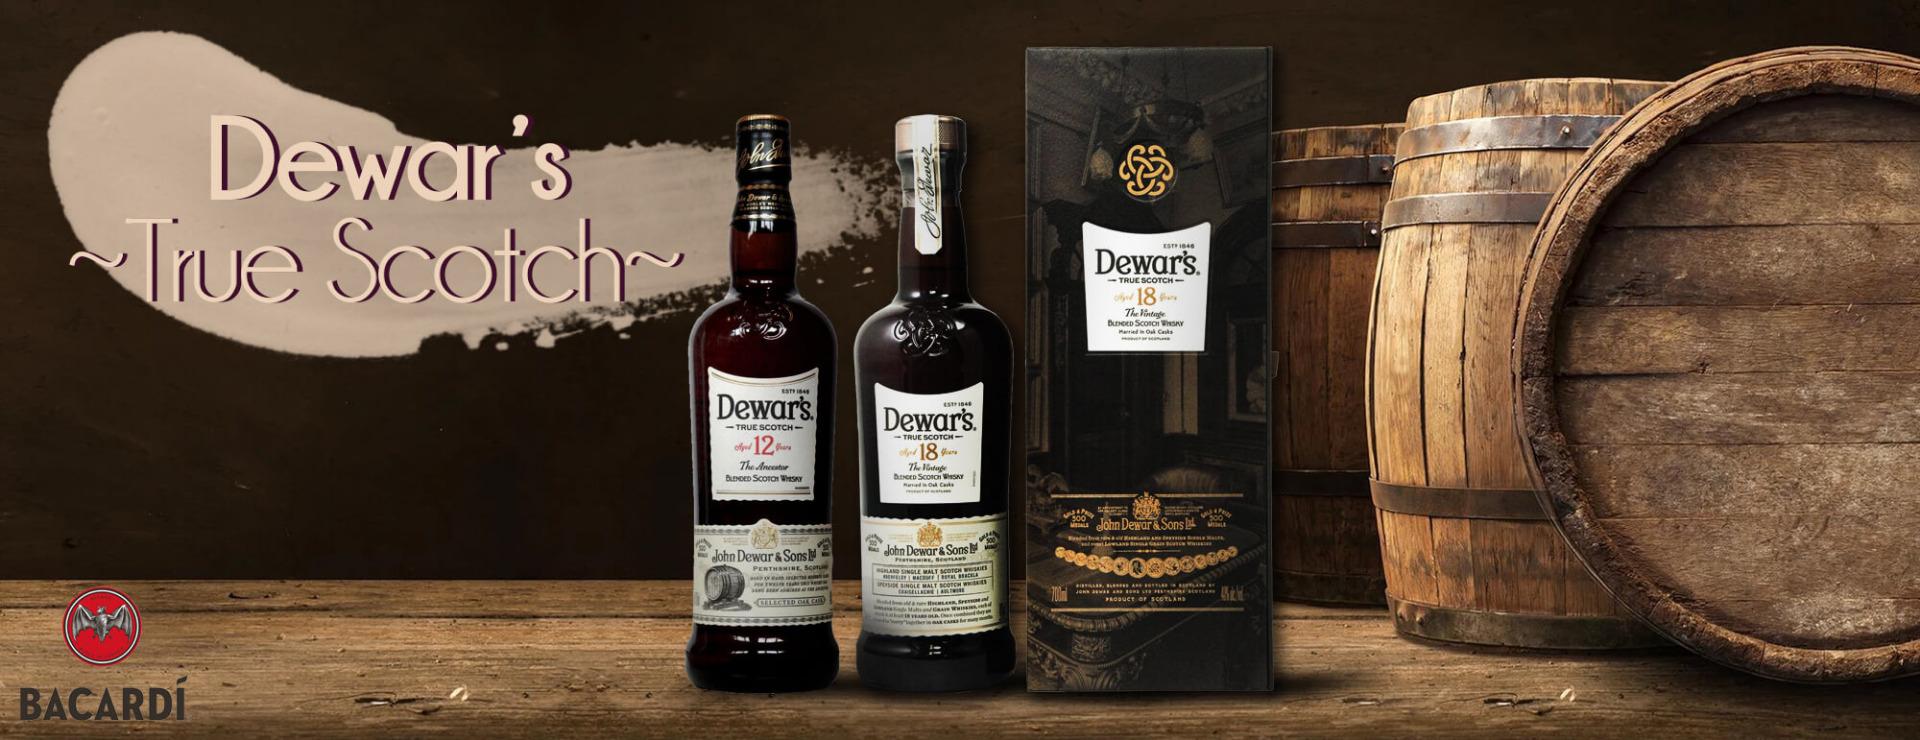 Banner Dewar's 18